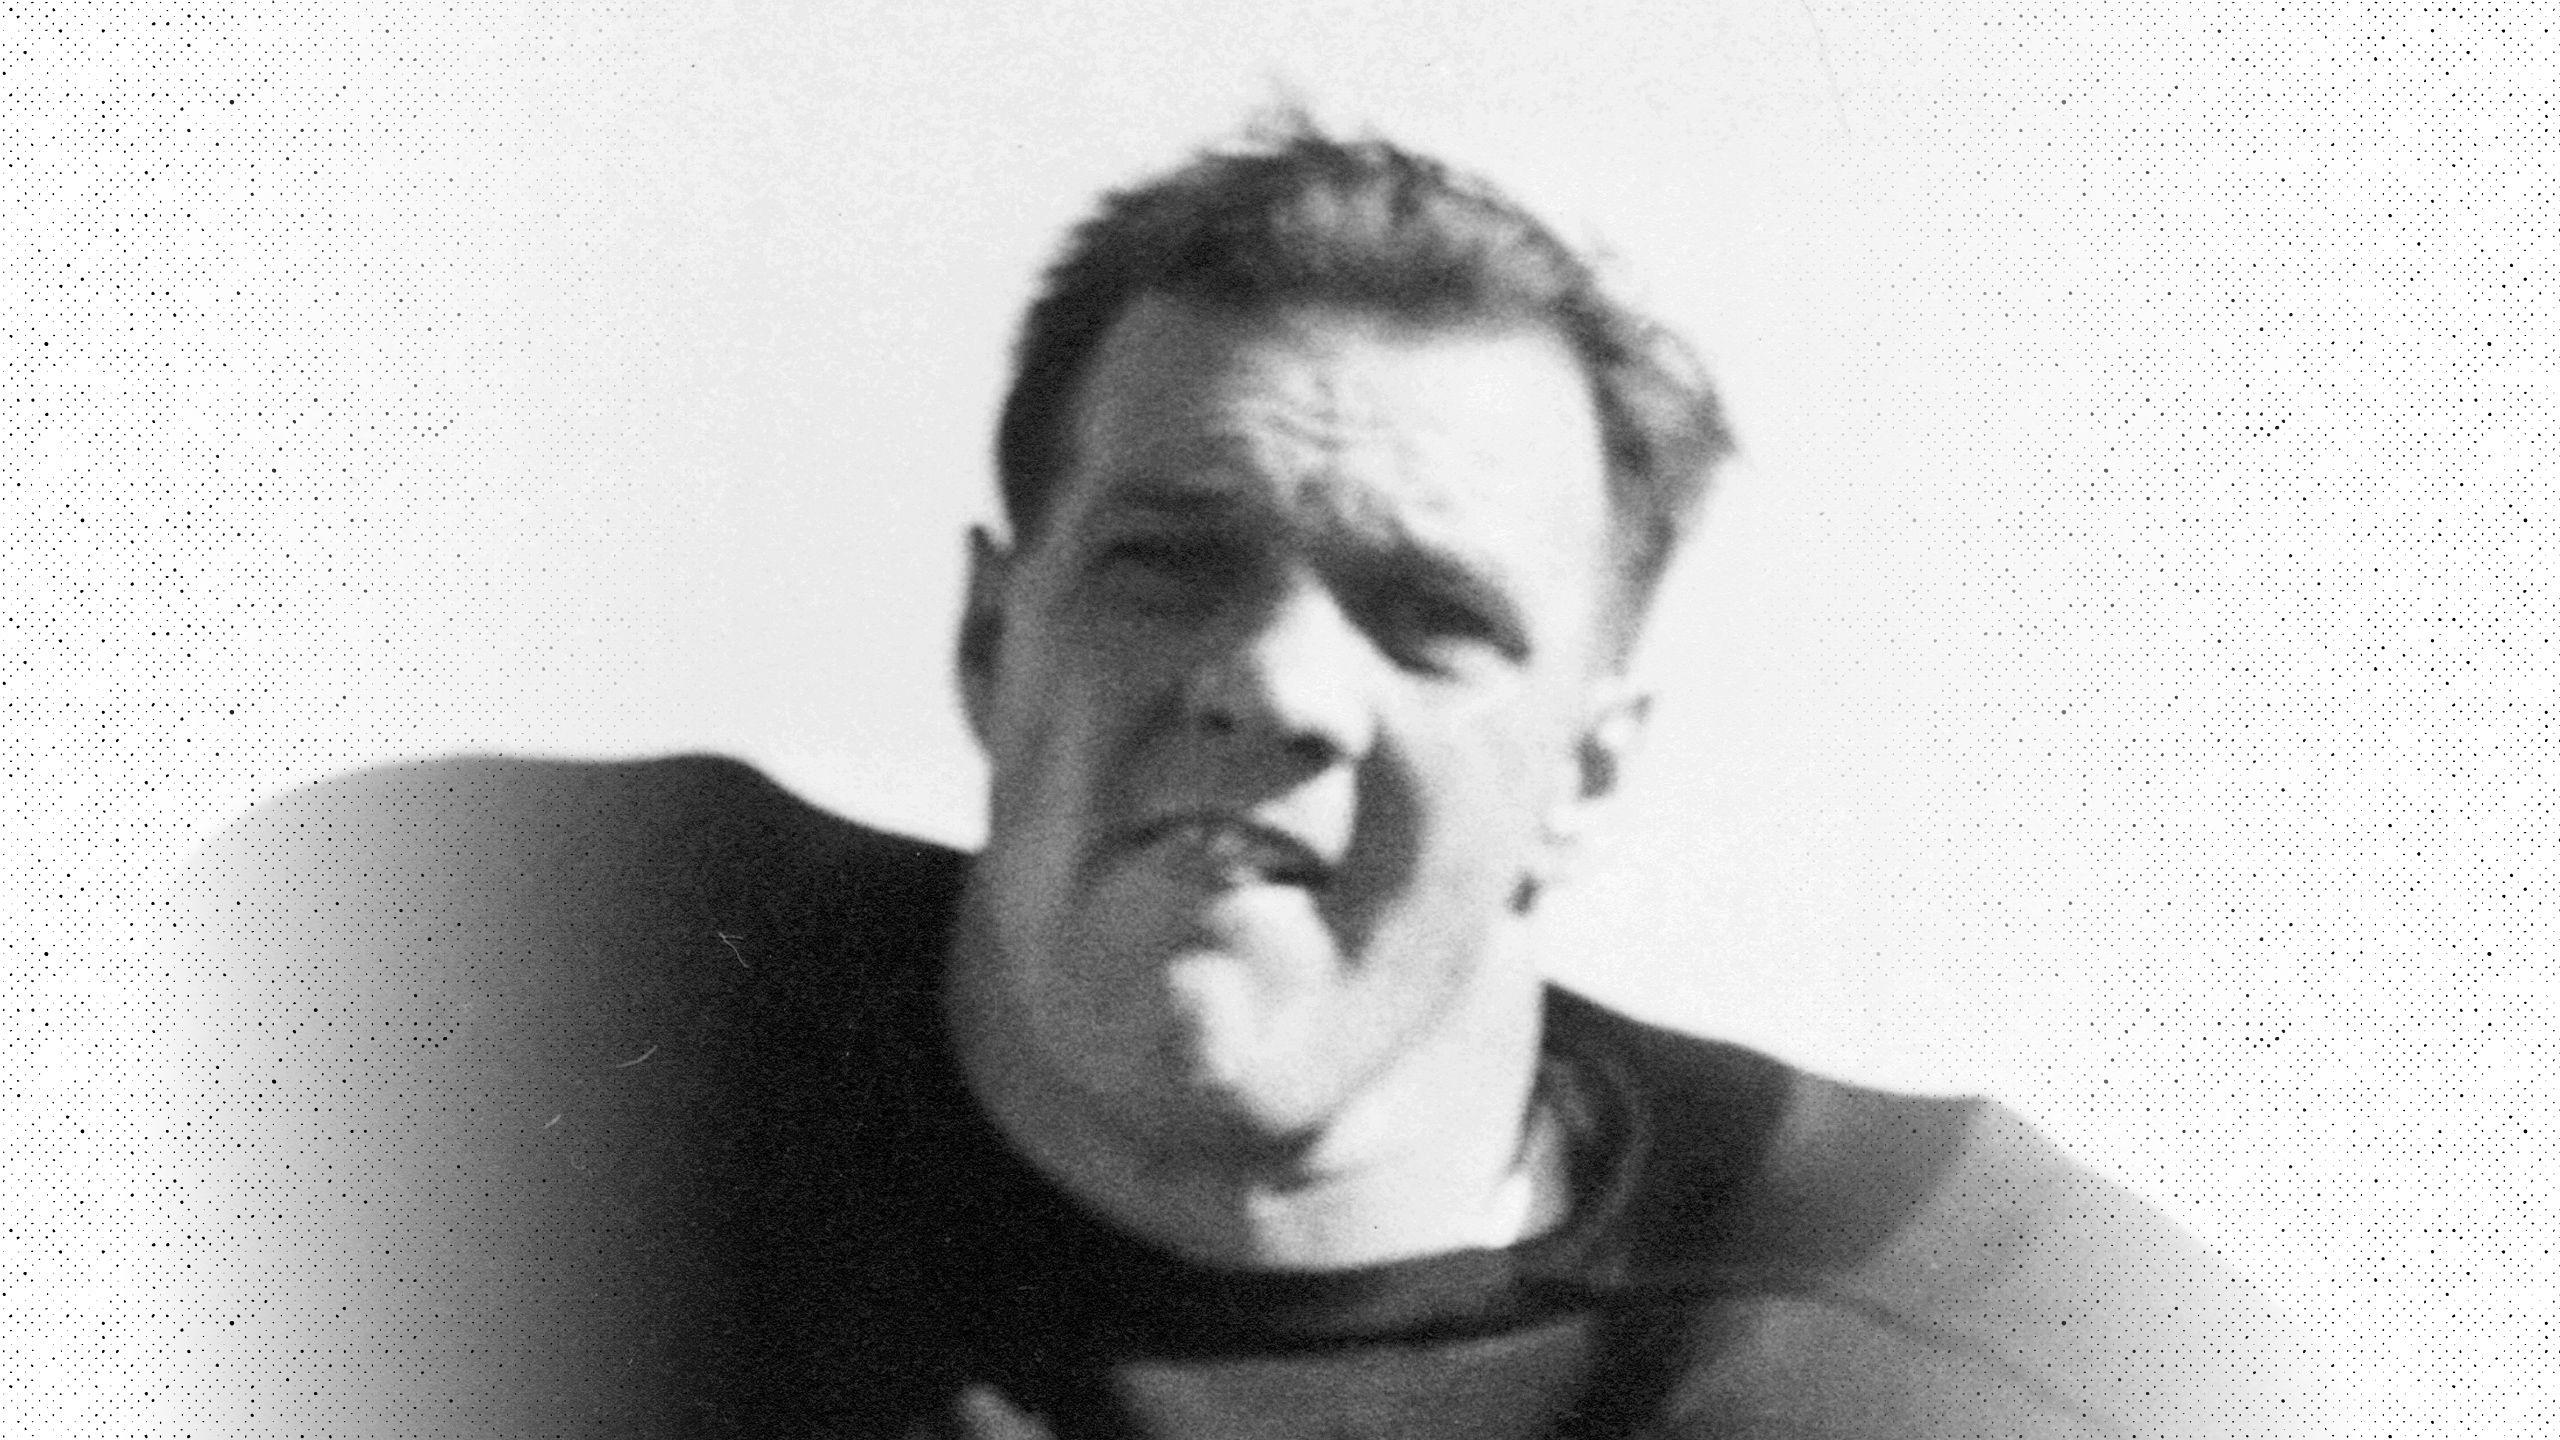 Billy Reynolds